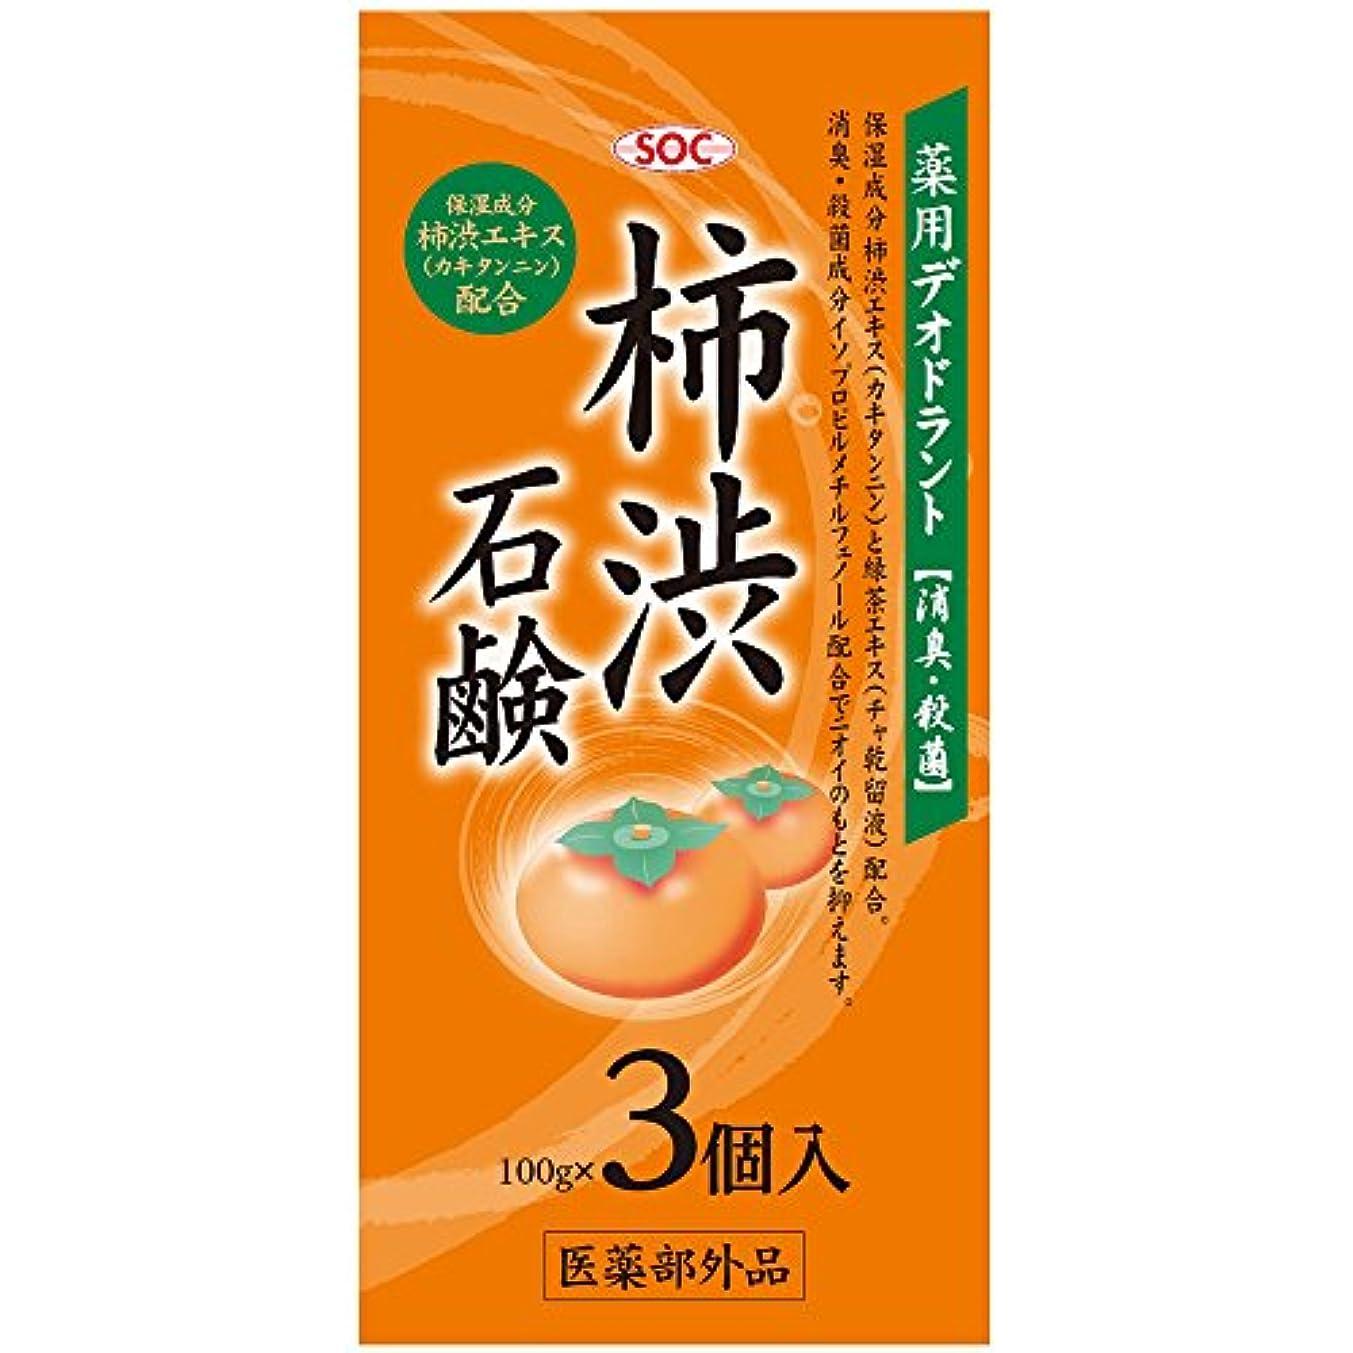 強度シール汚すSOC 薬用柿渋石鹸 3P (100g×3)